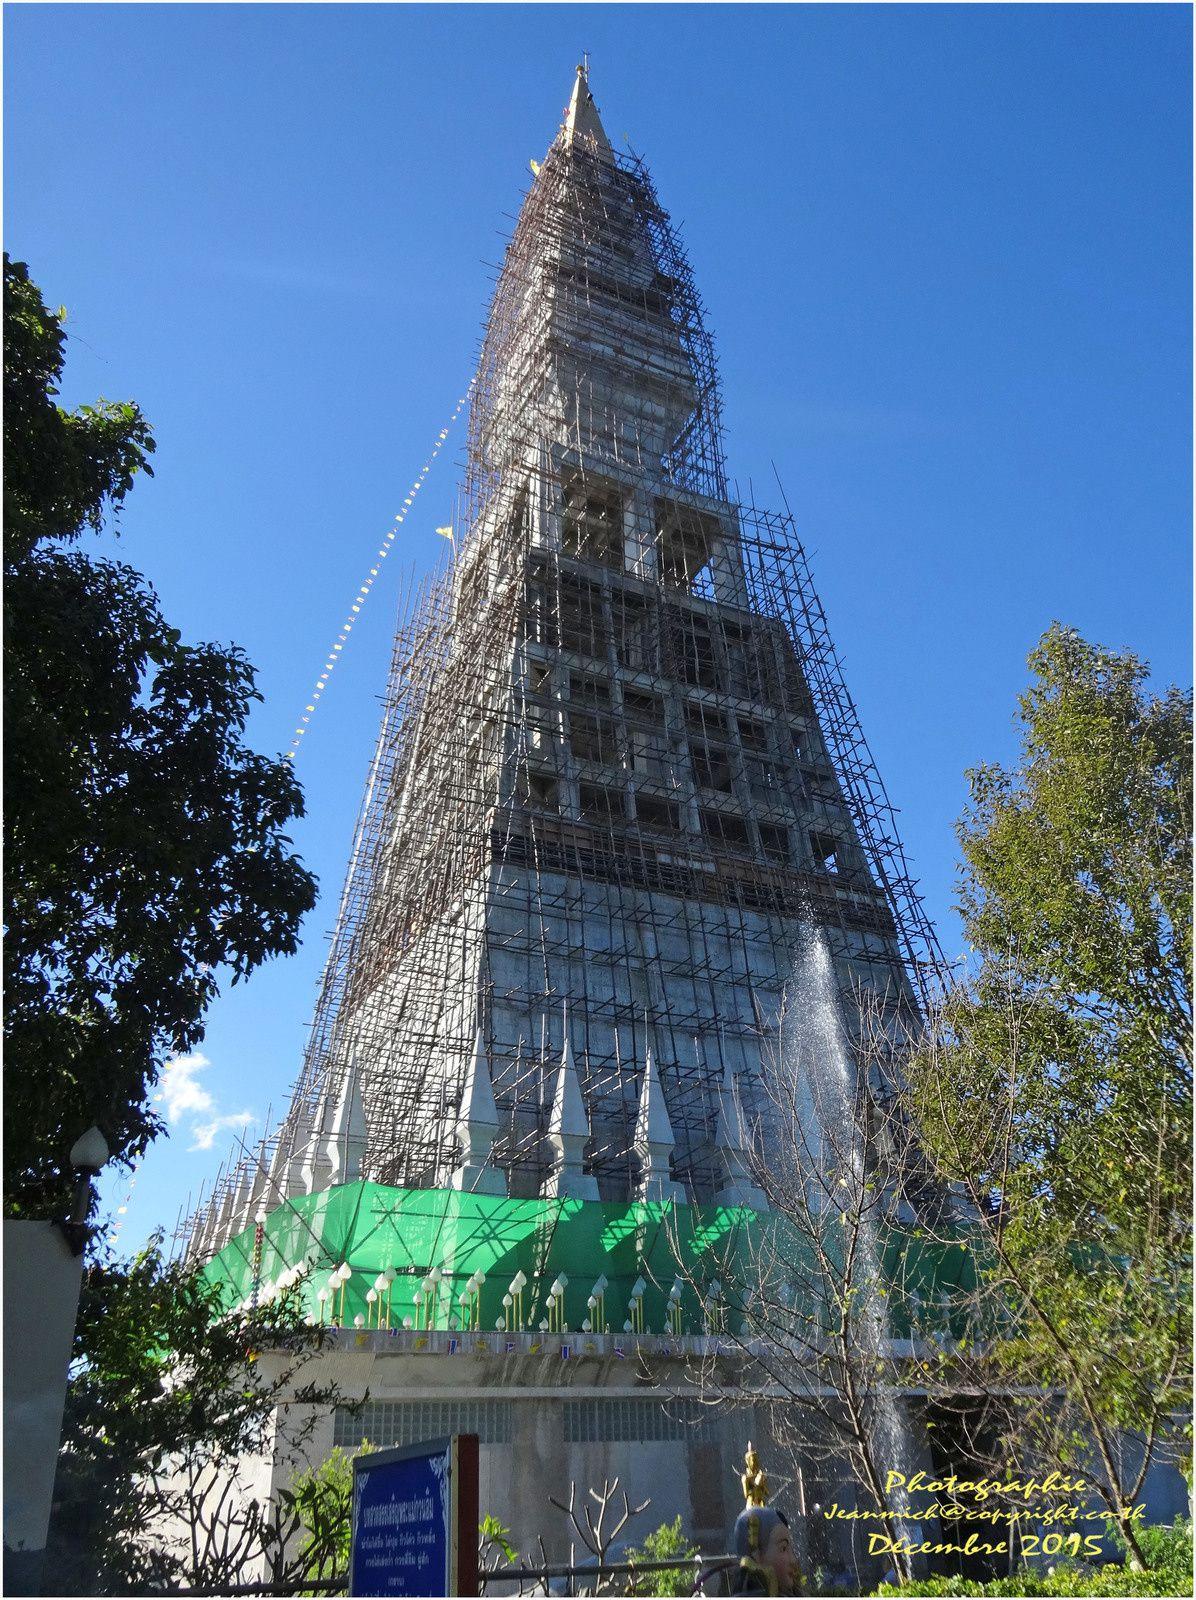 Phu Thap Boek (ภูทับเบิก) un temple en construction.